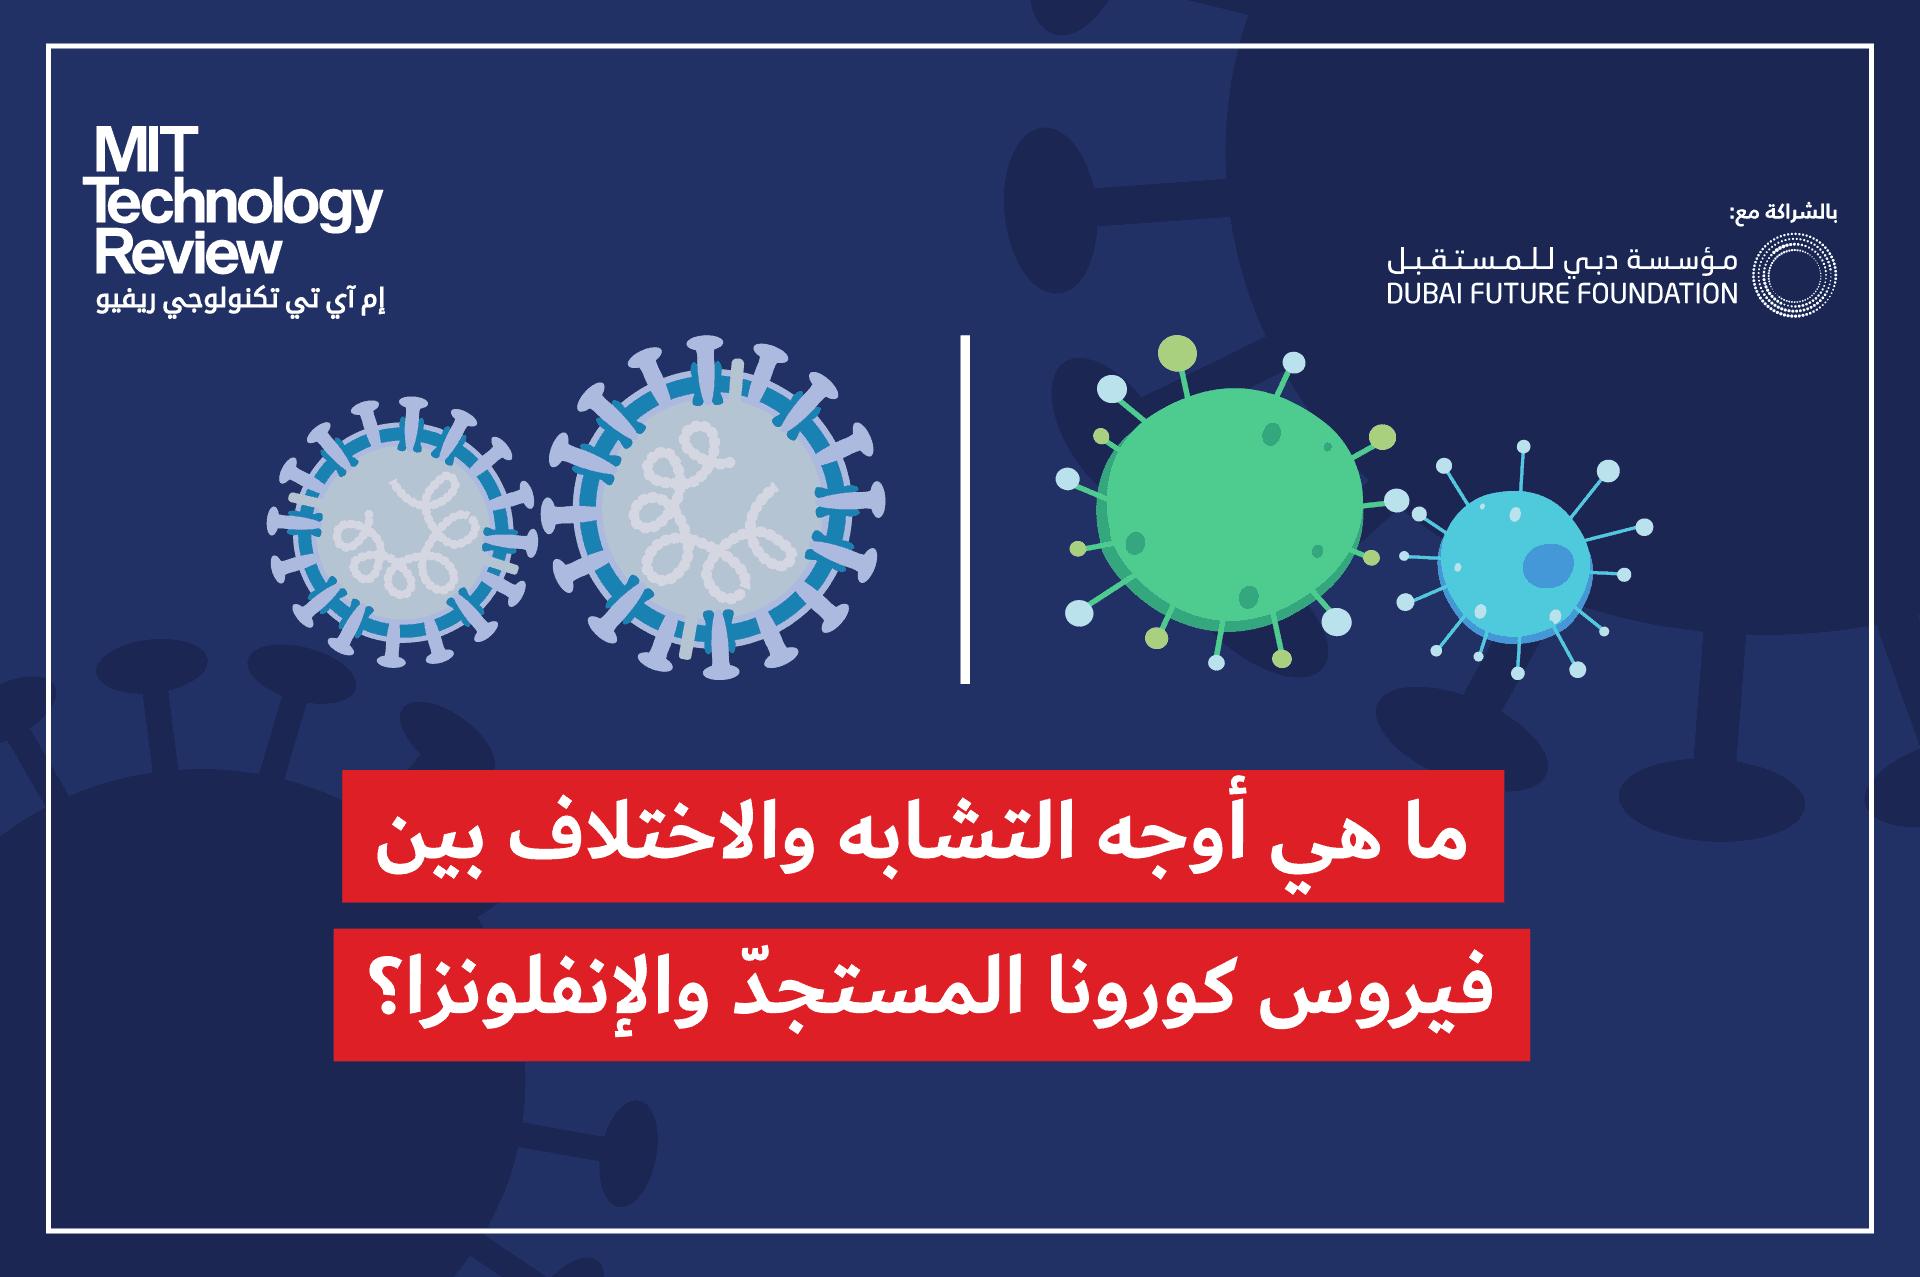 كورونا والأنفلونزا: ما هي أوجه التشابه والاختلاف بينهما؟